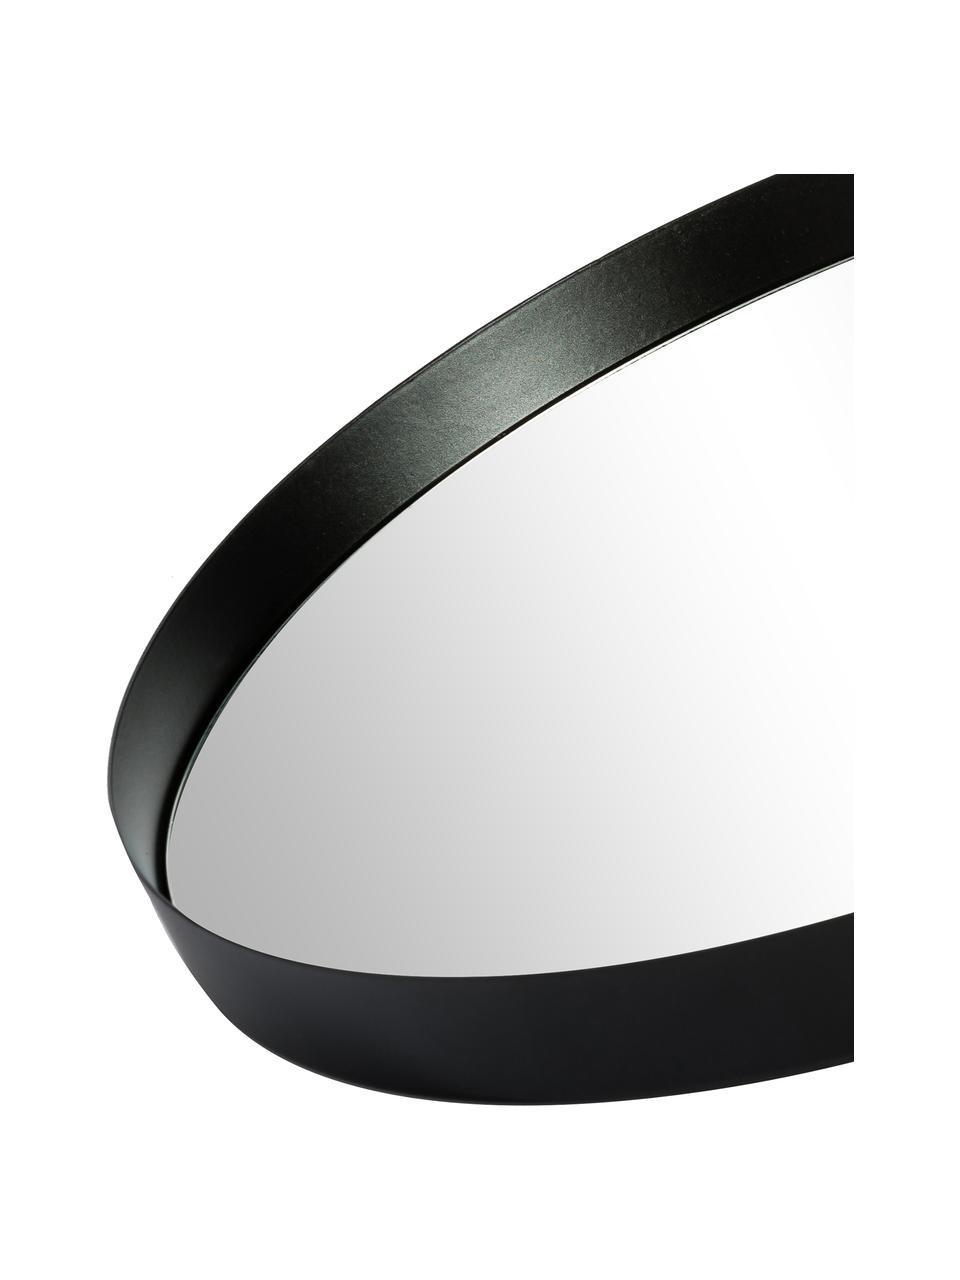 Wandspiegel Metal met zwarte lijst, Lijst: gelakt metaal, met bewust, Lijst: zwart. Spiegelglas, Ø 30 cm